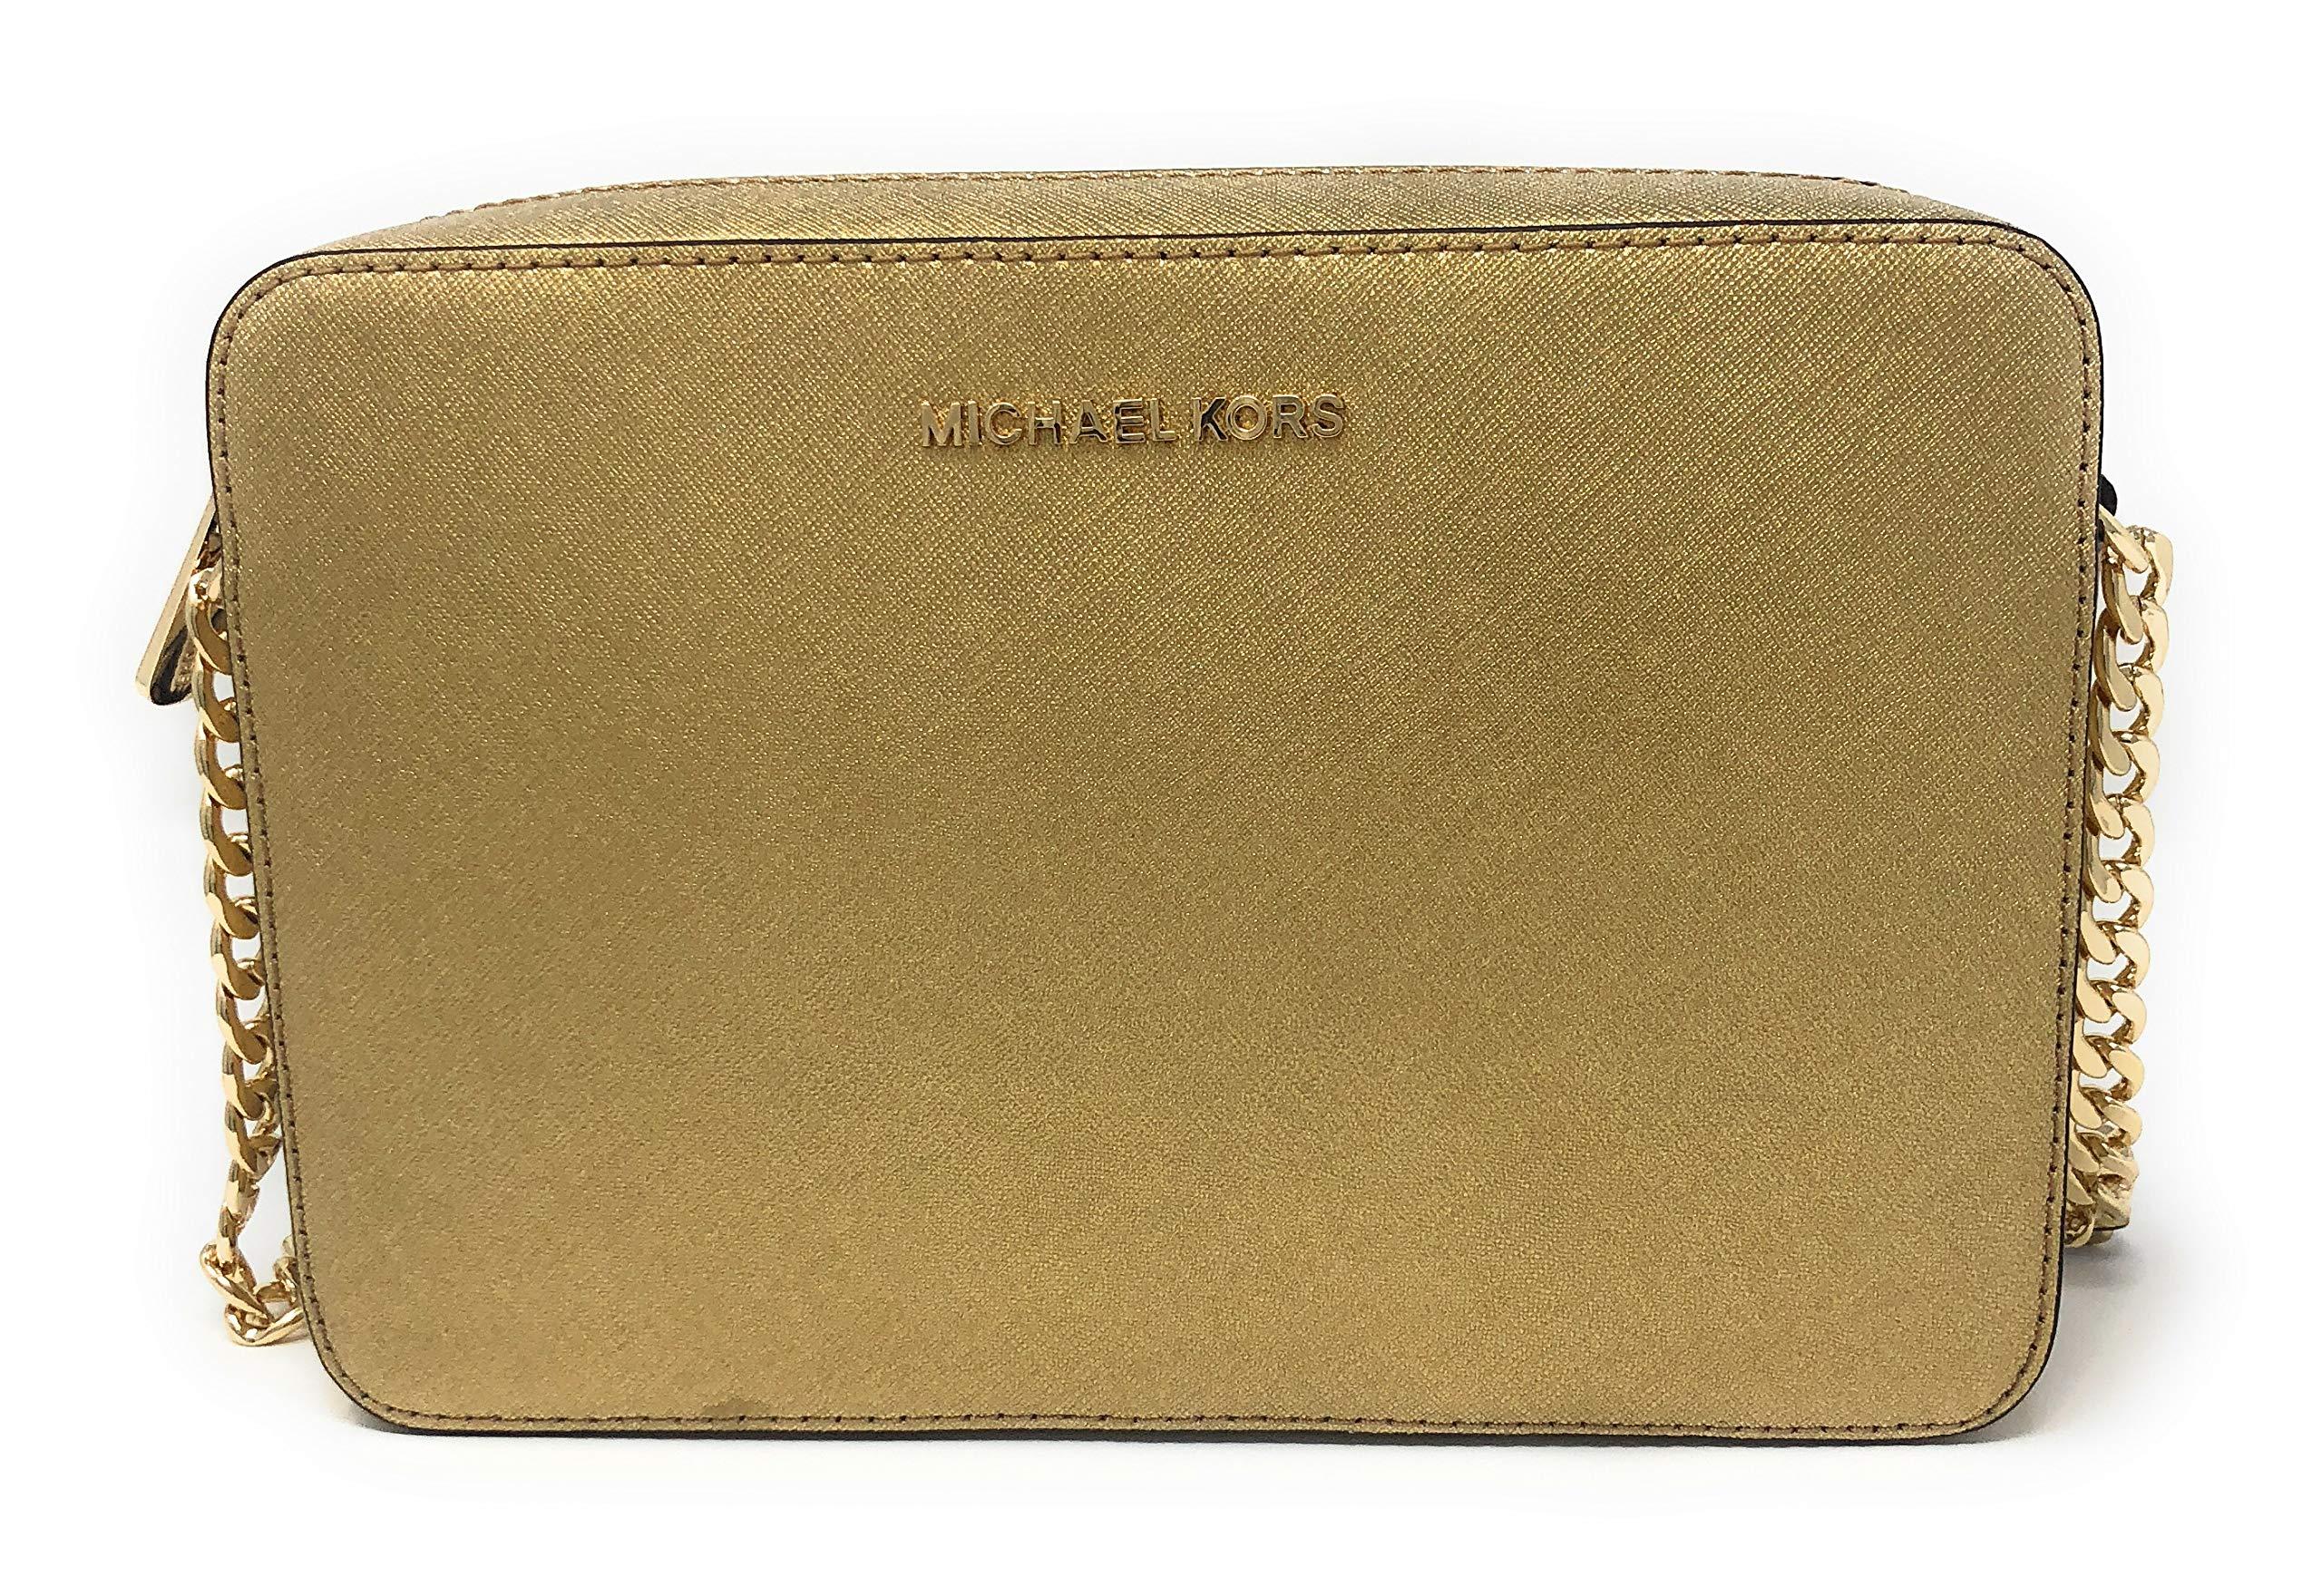 Michael Kors Jet Set Item Large East West Crossbody Shoulder Bag Black (Gold)